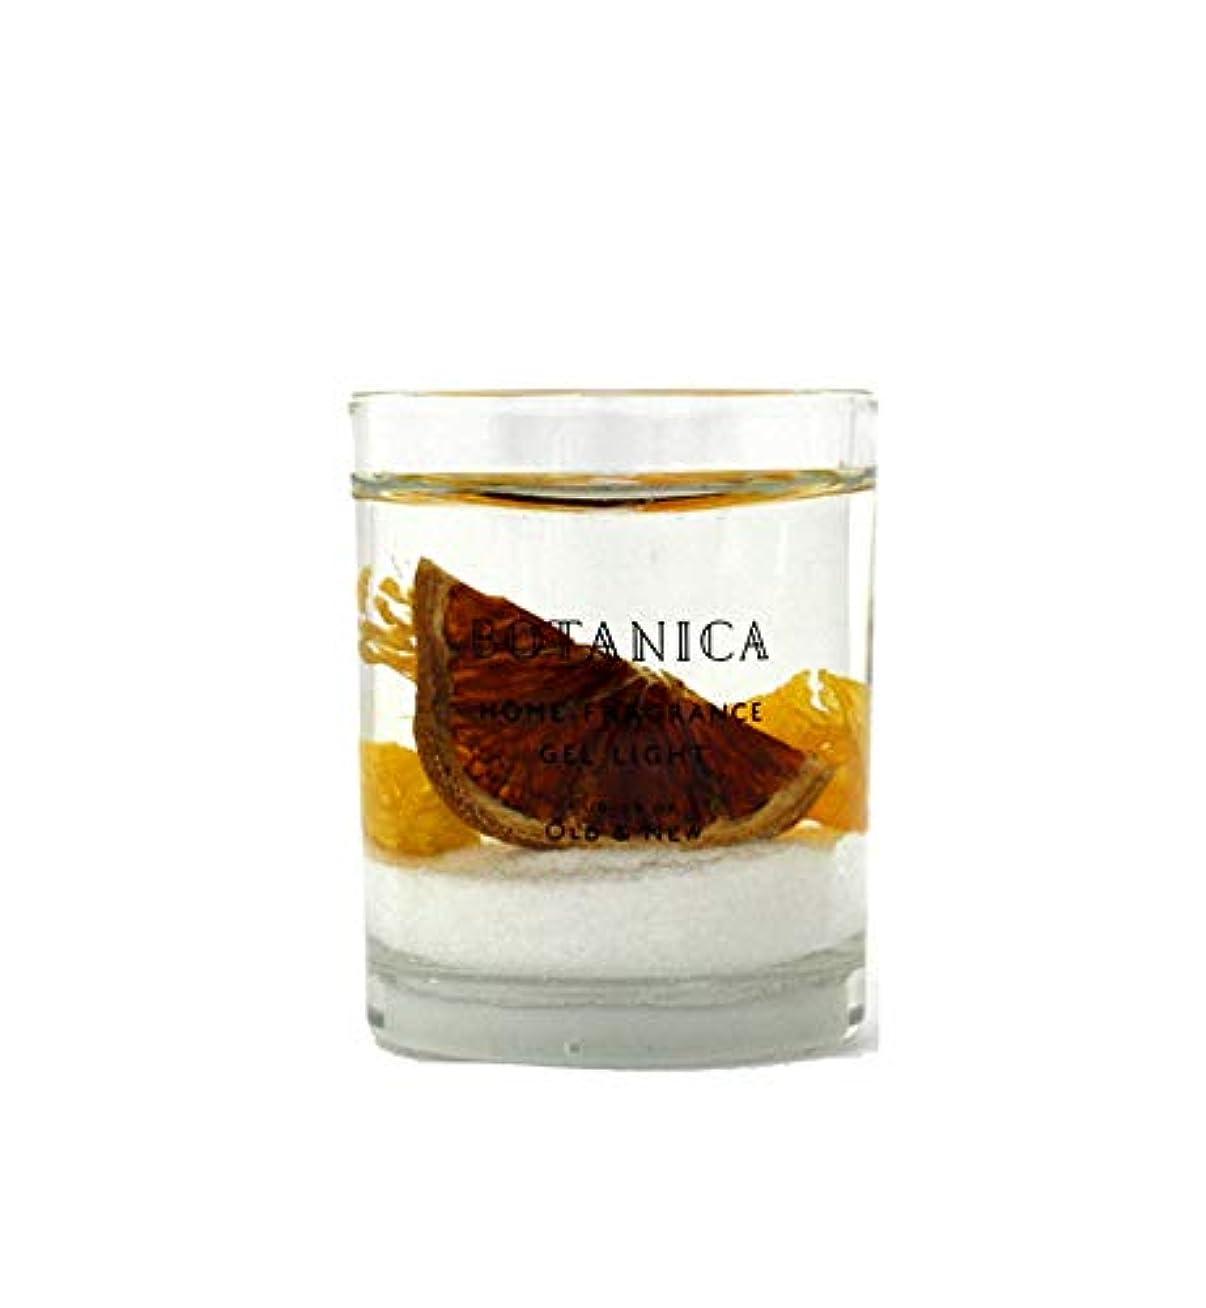 洞察力のある今バースBOTANICA(ボタニカ) BOTANICA ハーバリウムジェルライト ブライトオレンジ Herbarium Gel Light Bright Orange ボタニカ H75×Φ60mm/90g